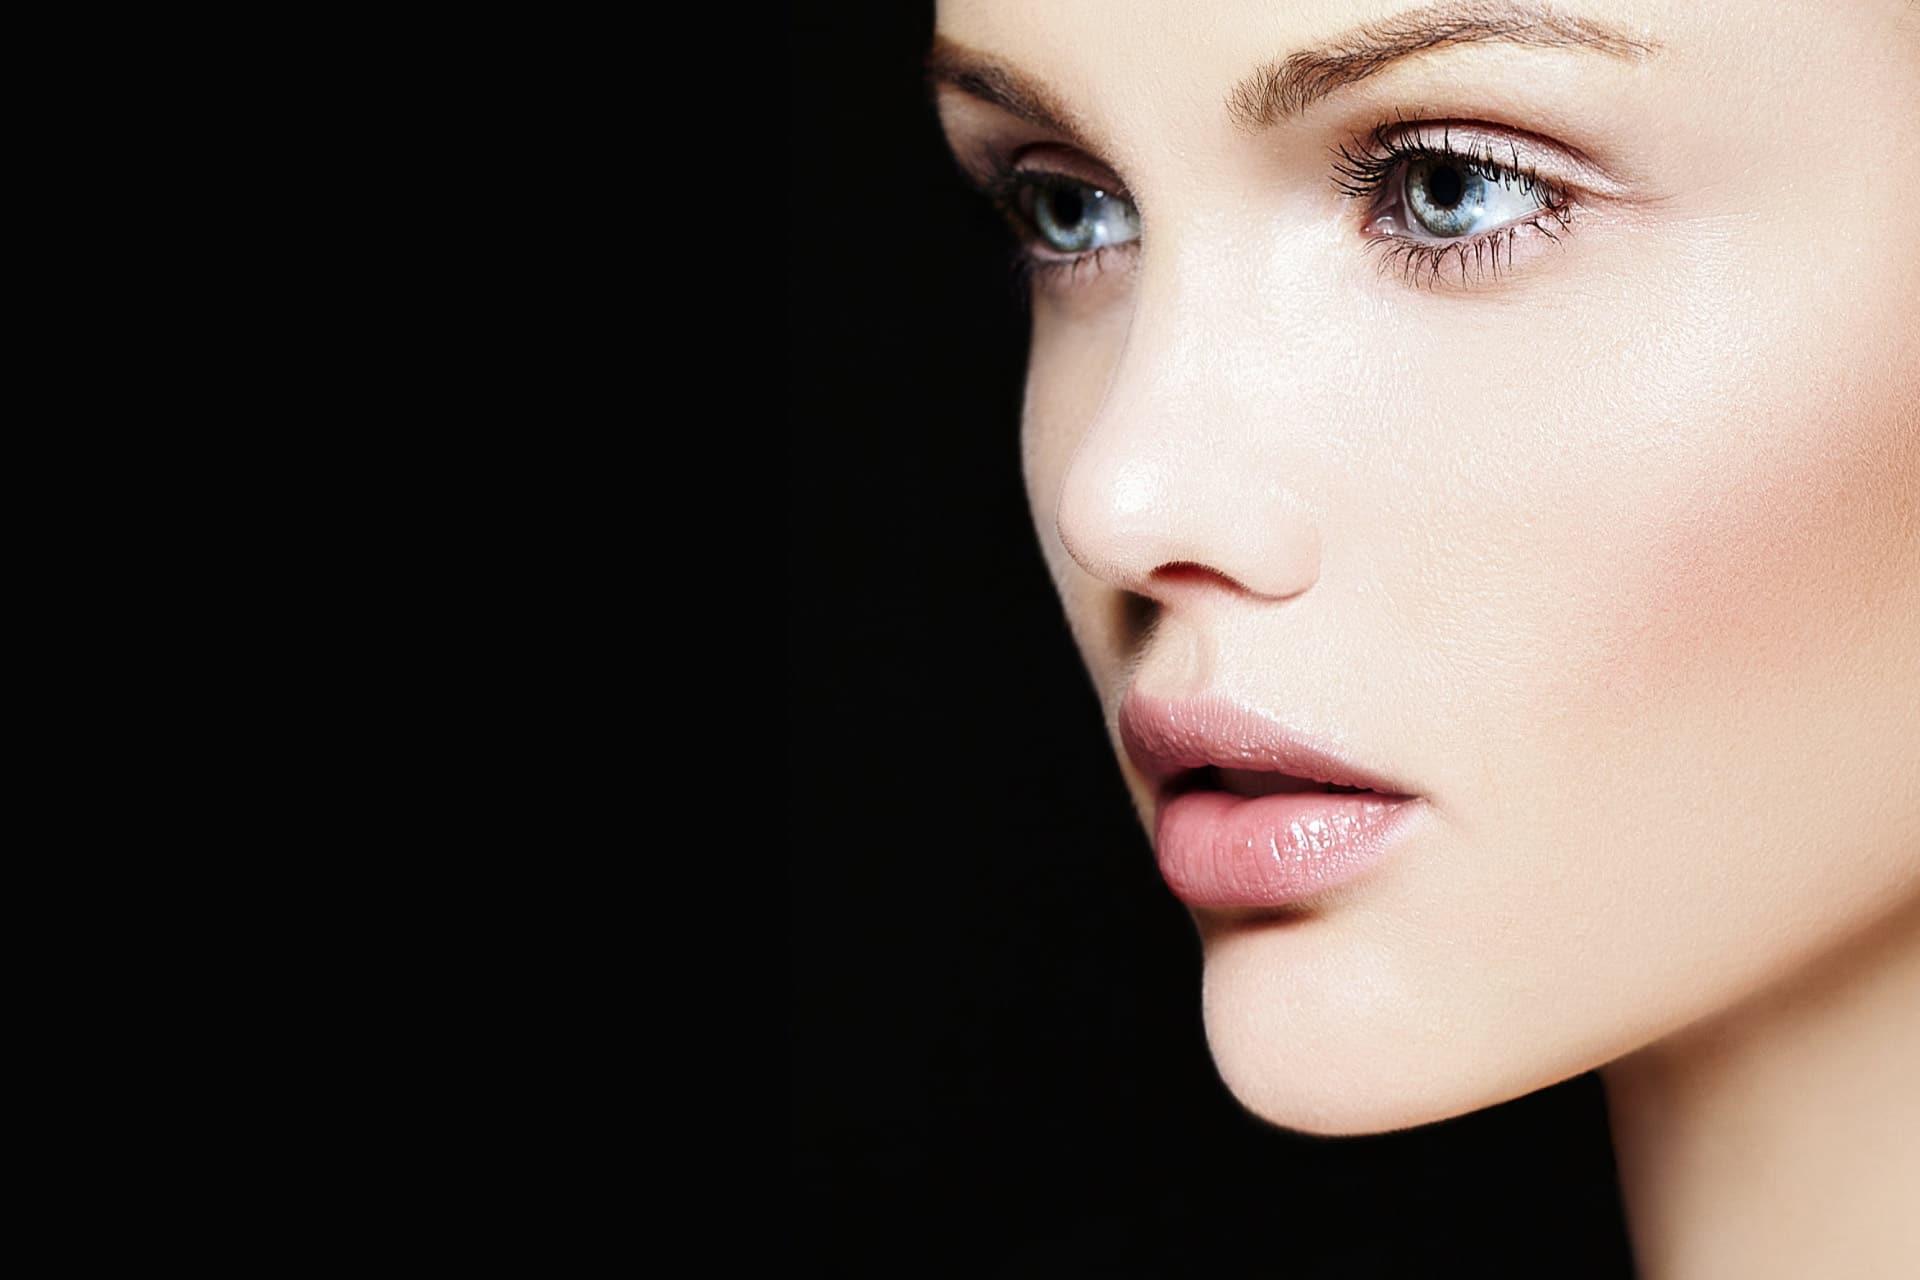 rostro de joven bella tres cuartos promociones graziella moraes